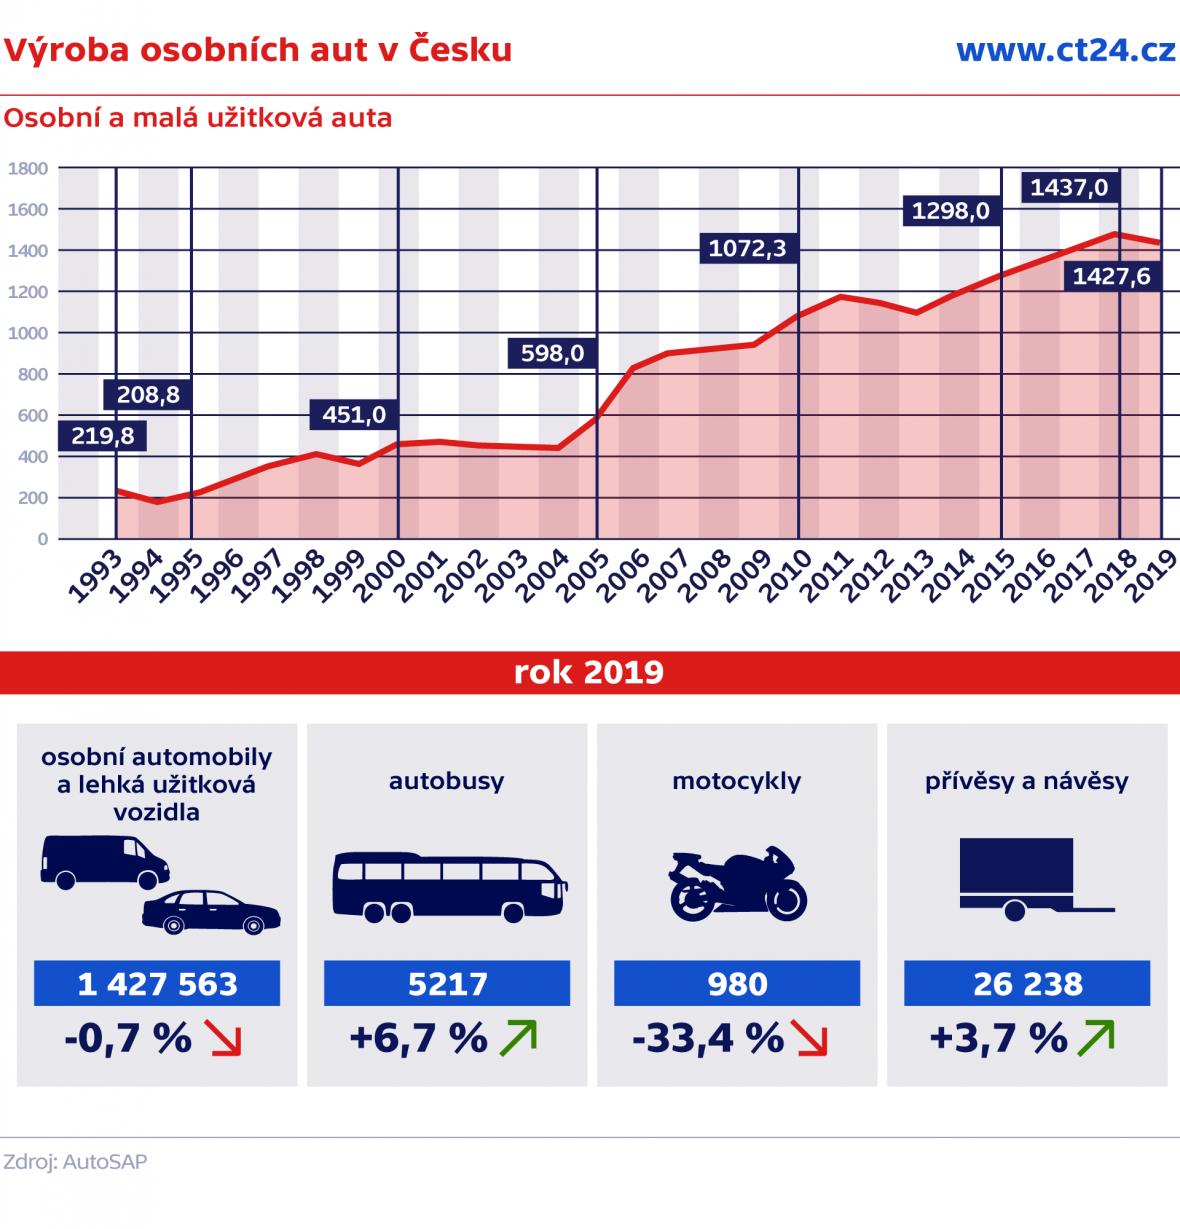 Výroba osobních aut v Česku